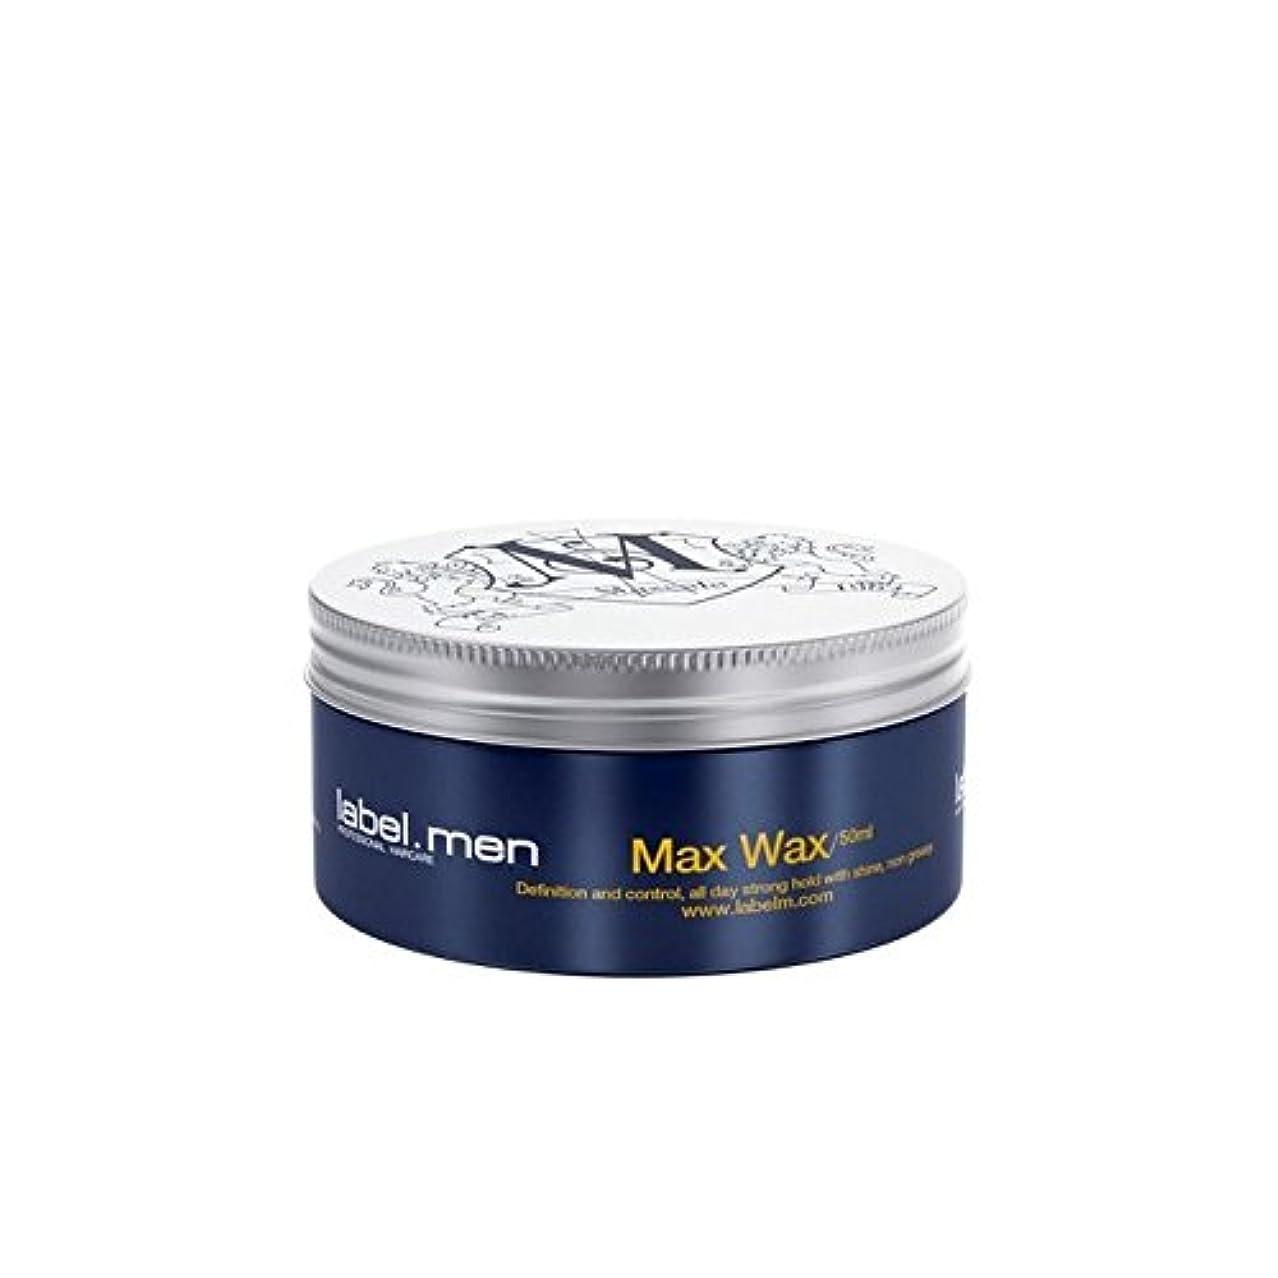 プロテスタント小包ワークショップLabel.Men Max Wax (50ml) (Pack of 6) - .マックスワックス(50ミリリットル) x6 [並行輸入品]